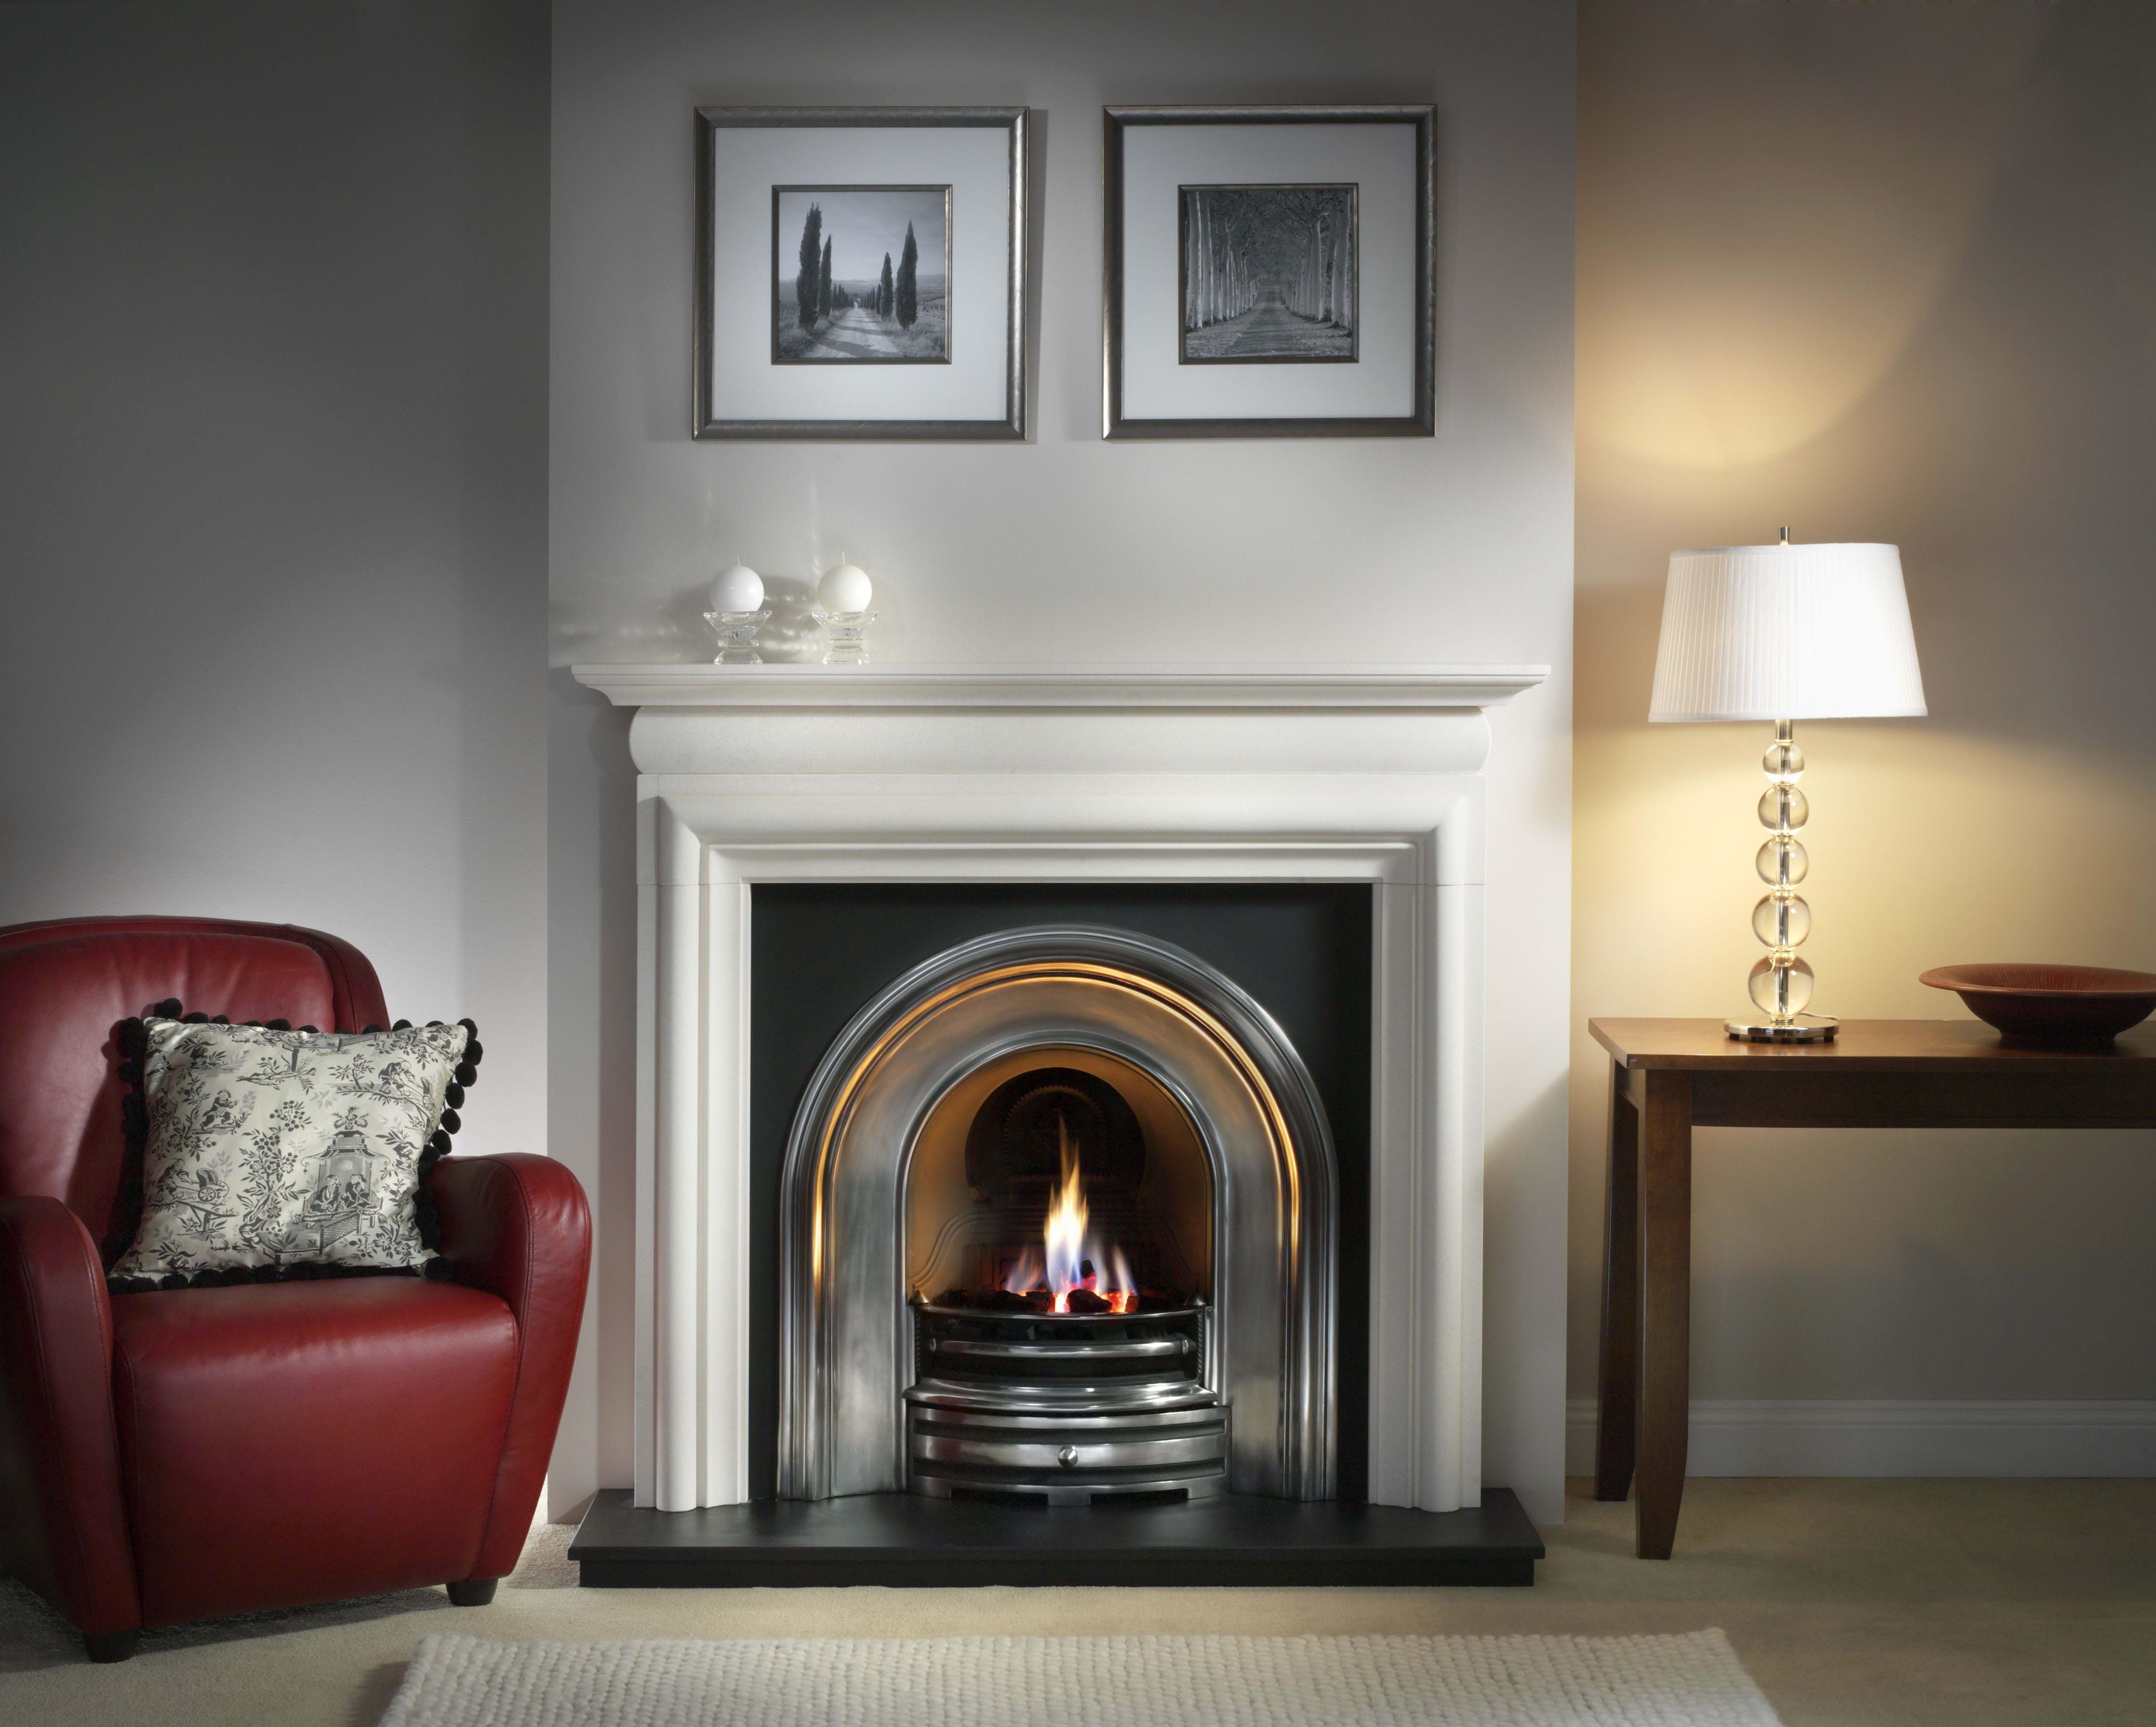 Hintergrundbilder : Zimmer, Holz, Feuer, Kamin, Innenarchitektur ...